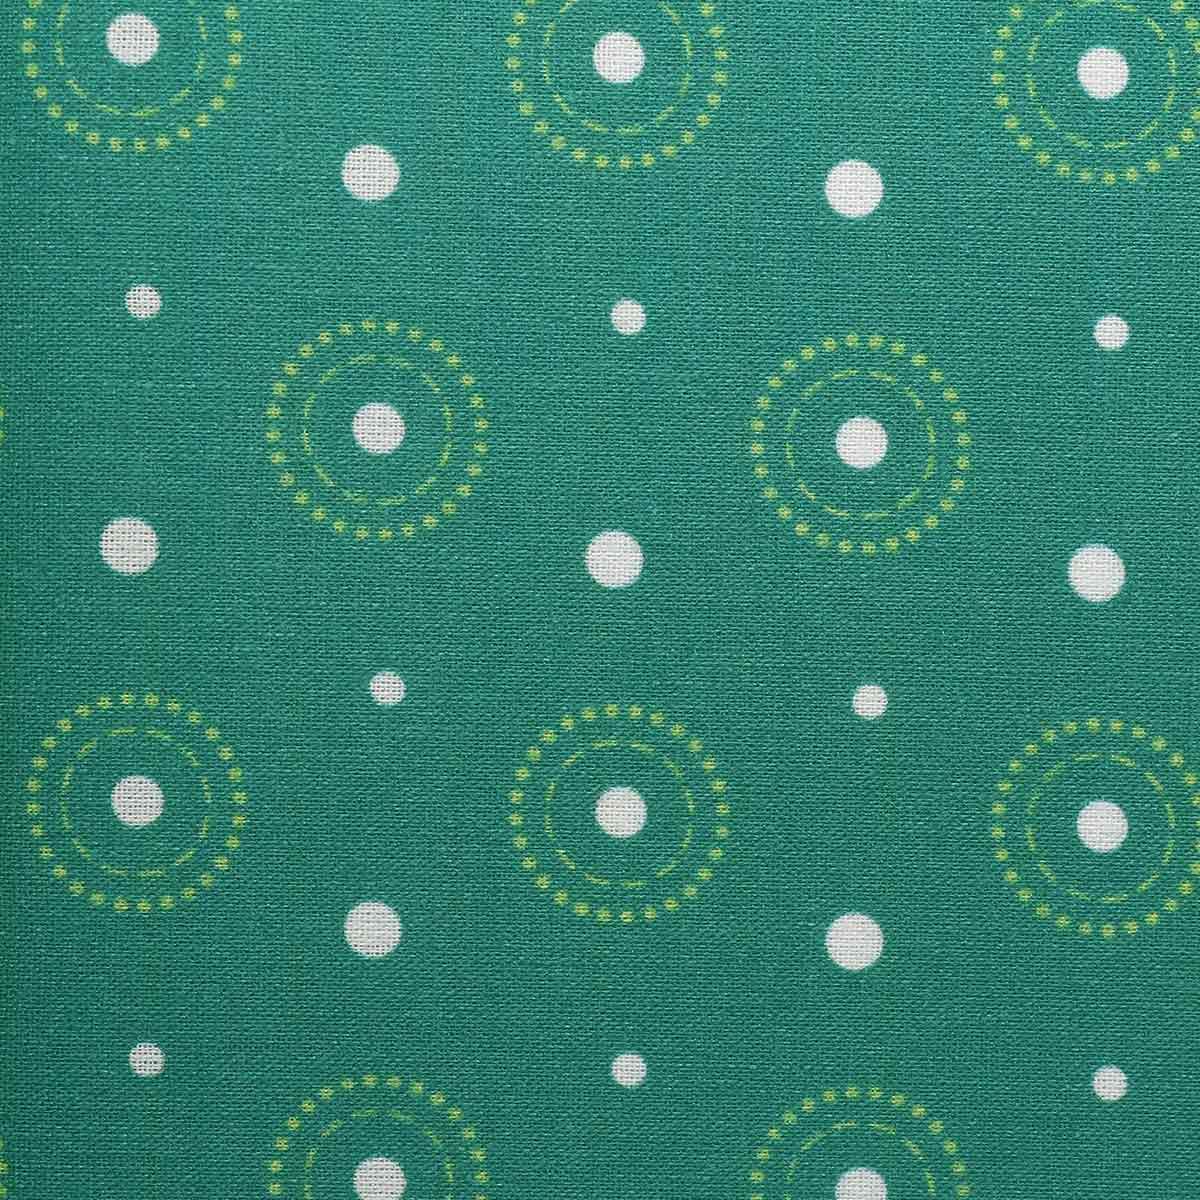 АМ592009 Ткань 'Разноцветные круги' №9, 100% хлопок, 120 г/м2, размер 48*50см